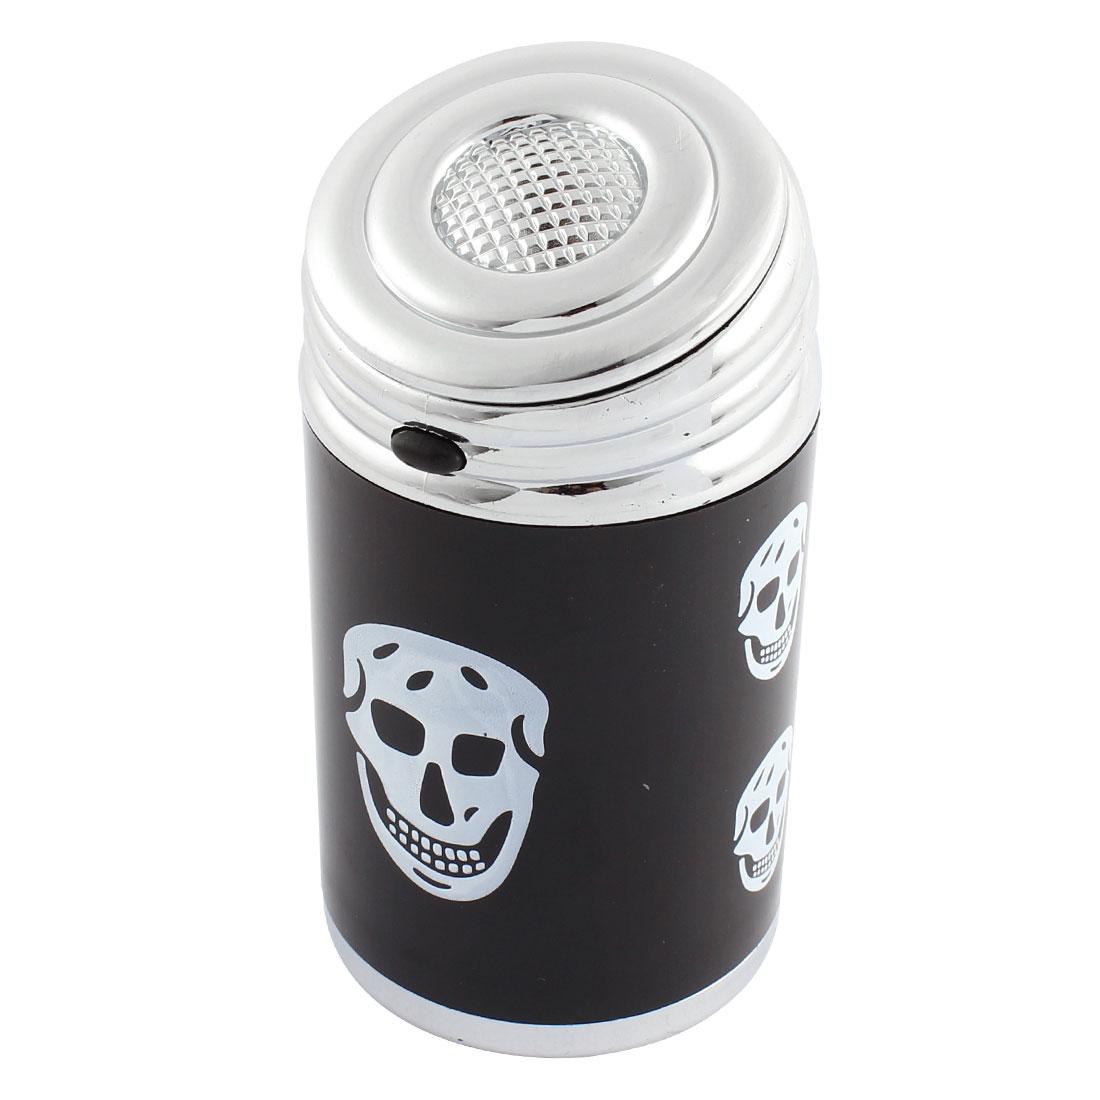 Car Skull Shaped Button Design Blue LED Ashtray Ash Holder Silver Tone Black